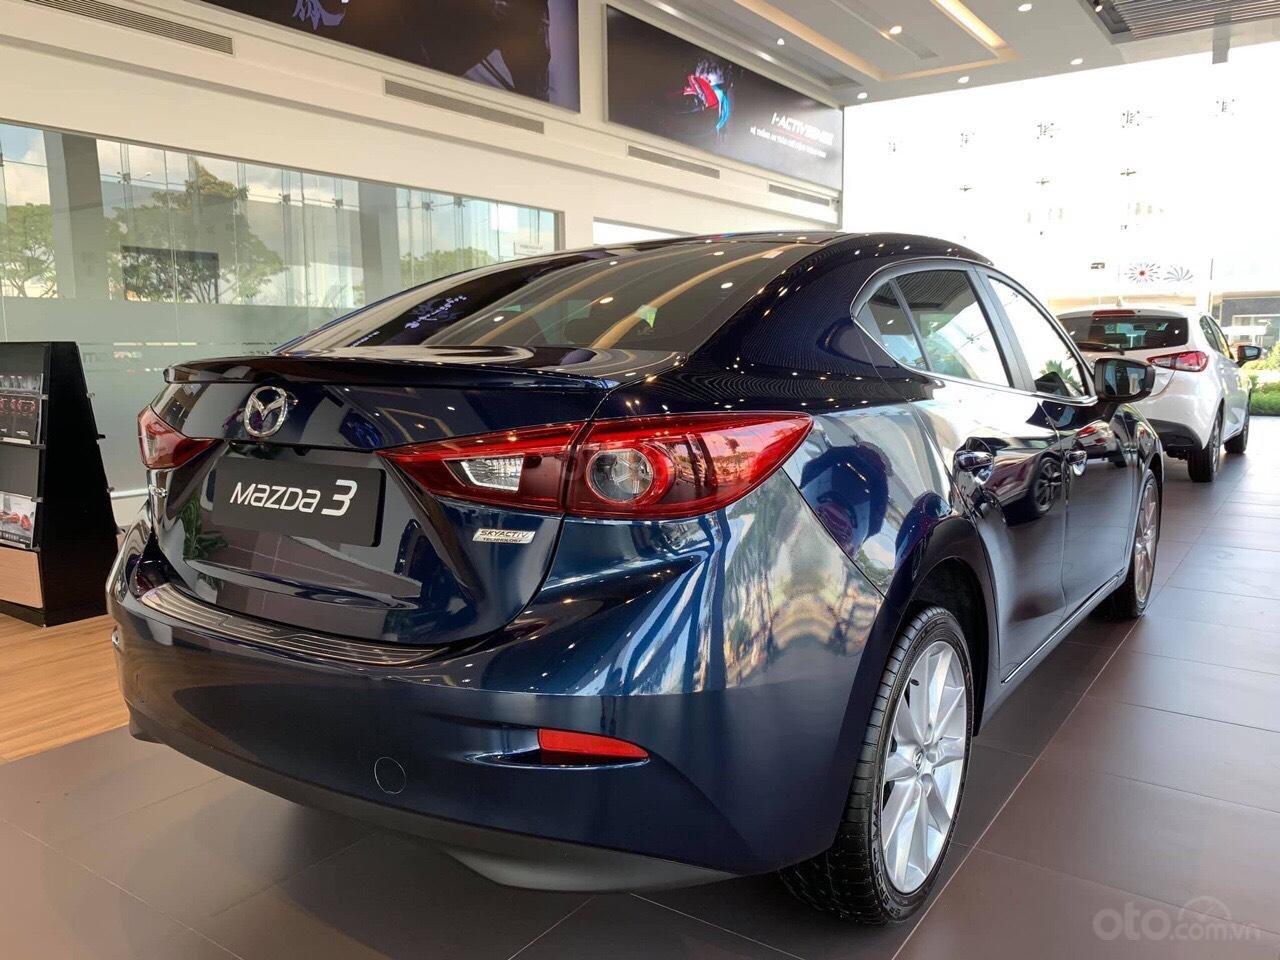 Bán xe Mazda 3 xanh đen 2019 - Tặng gói bảo dưỡng miễn phí - Hỗ trợ trả góp 80% (4)